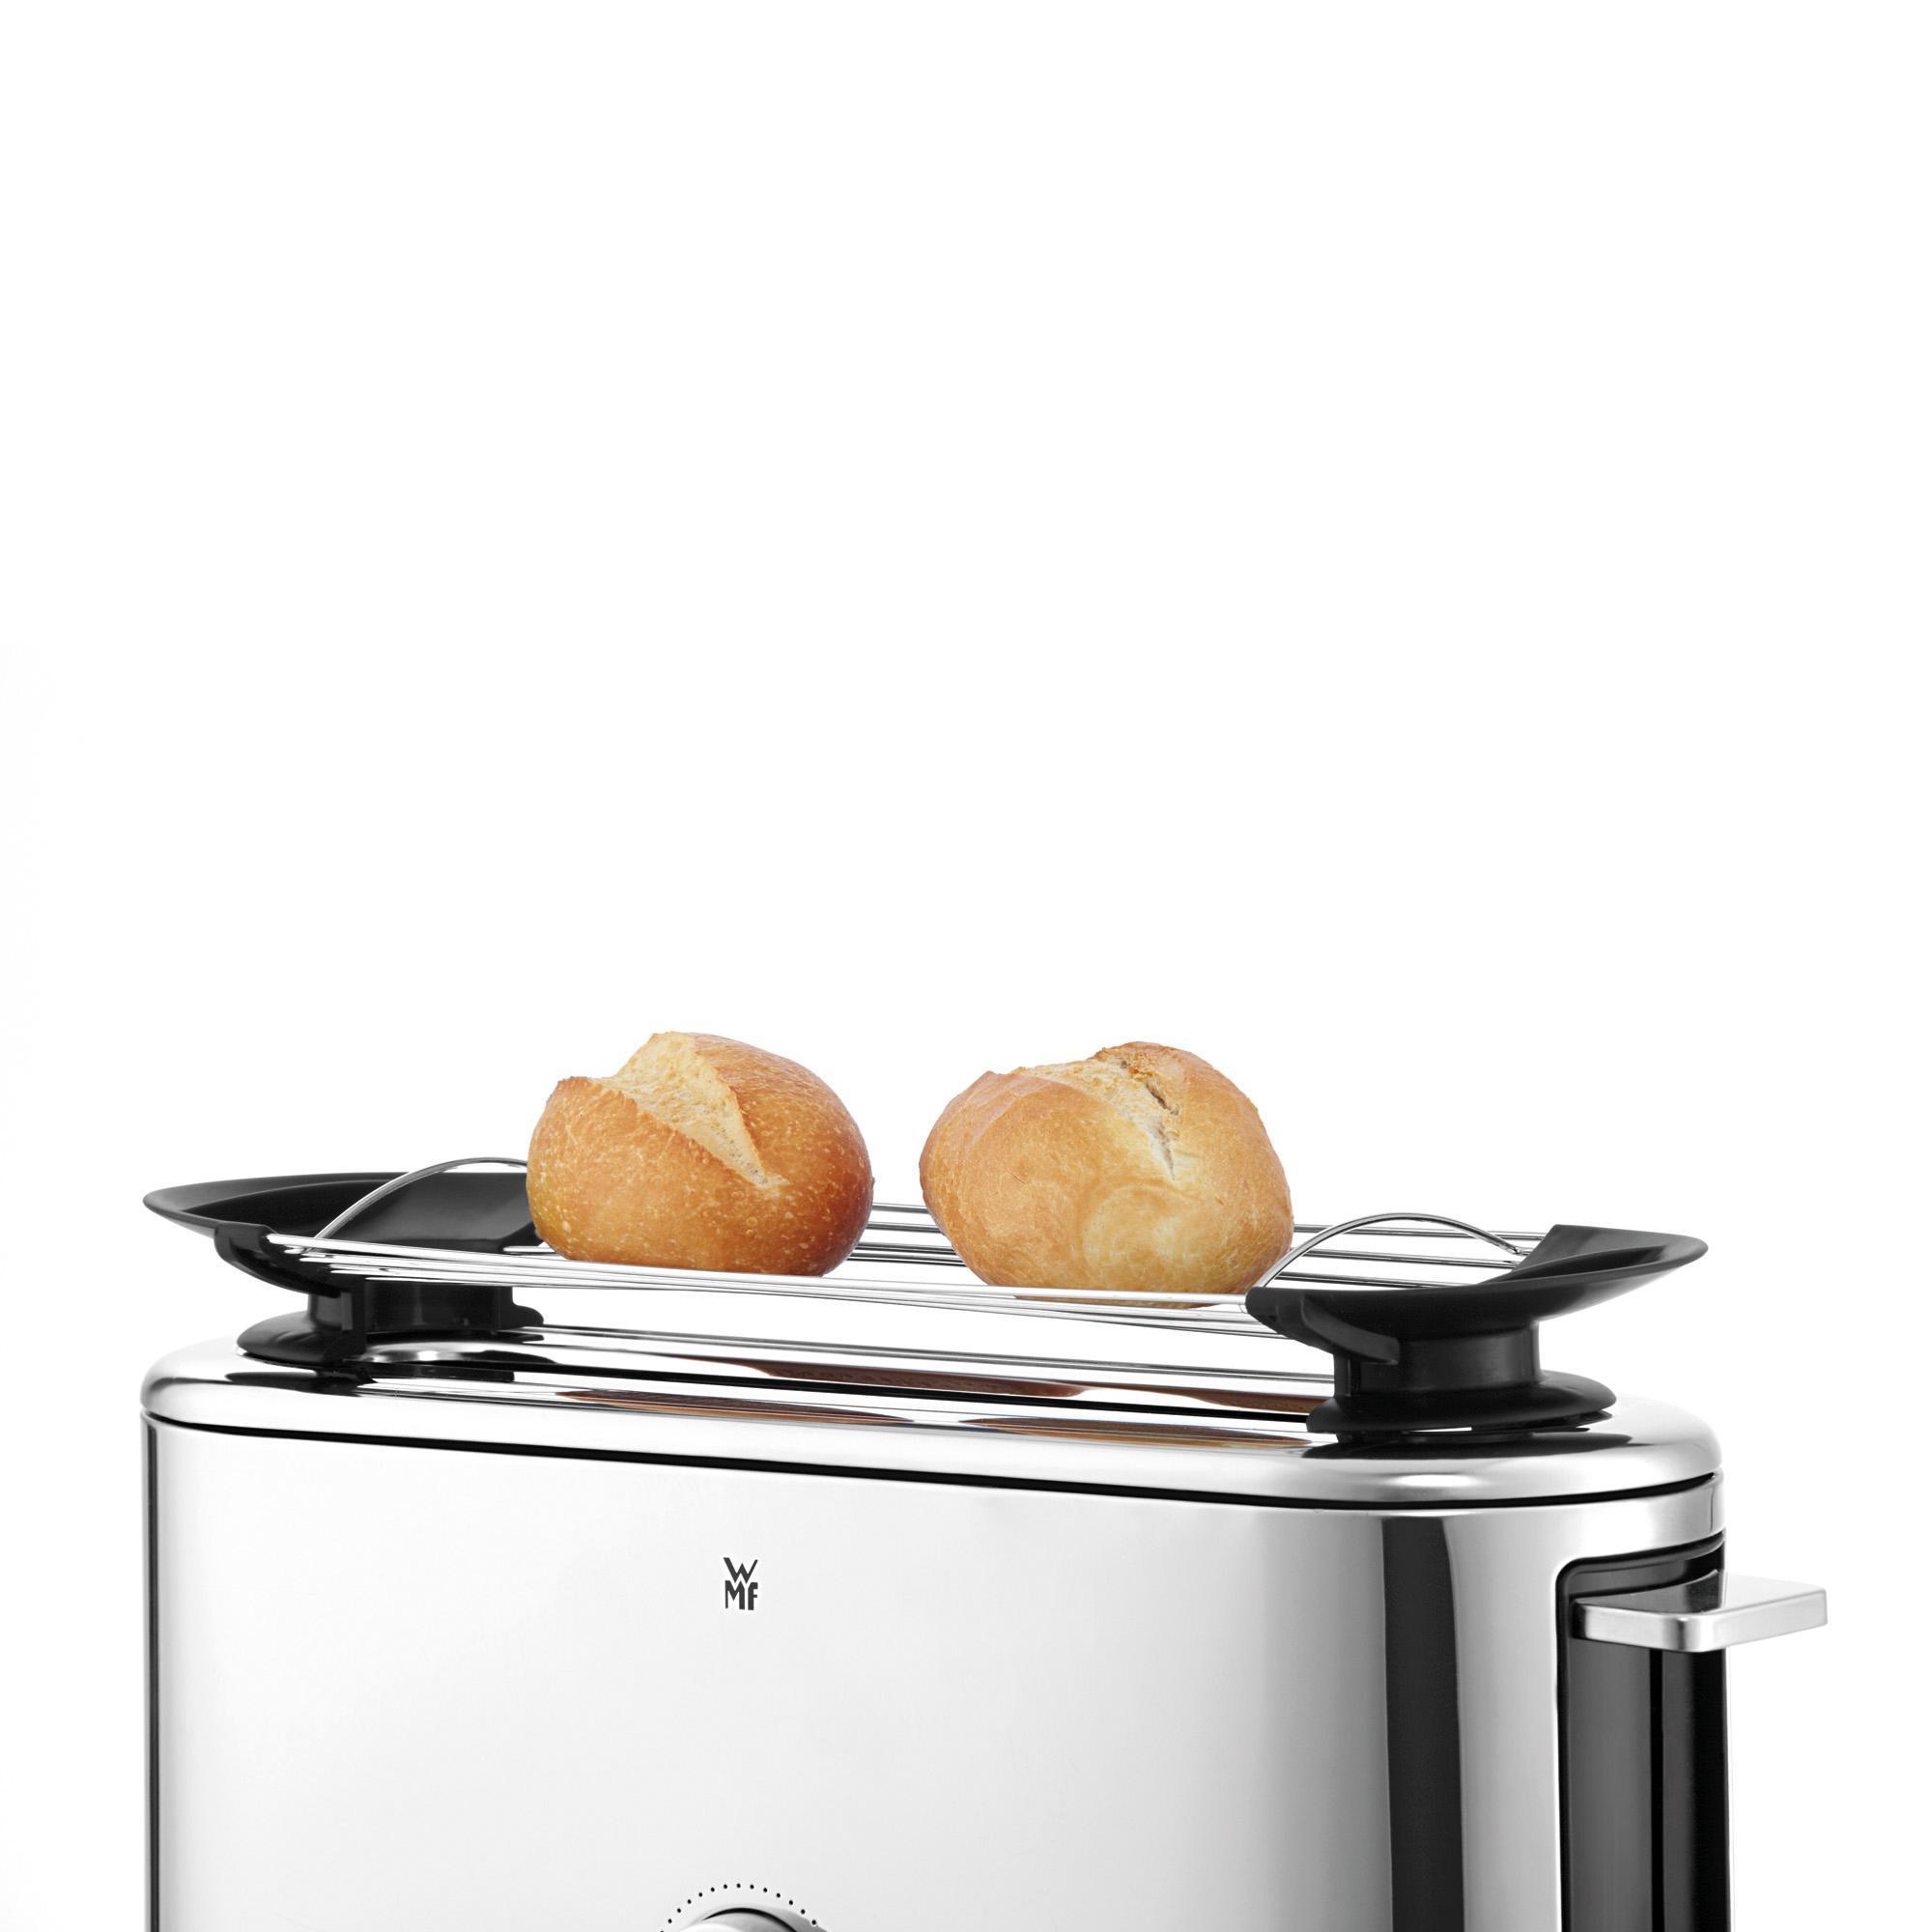 wmf lineo shine toaster langschlitz xxl toast br tchenaufsatz 10 br unungsstufen. Black Bedroom Furniture Sets. Home Design Ideas